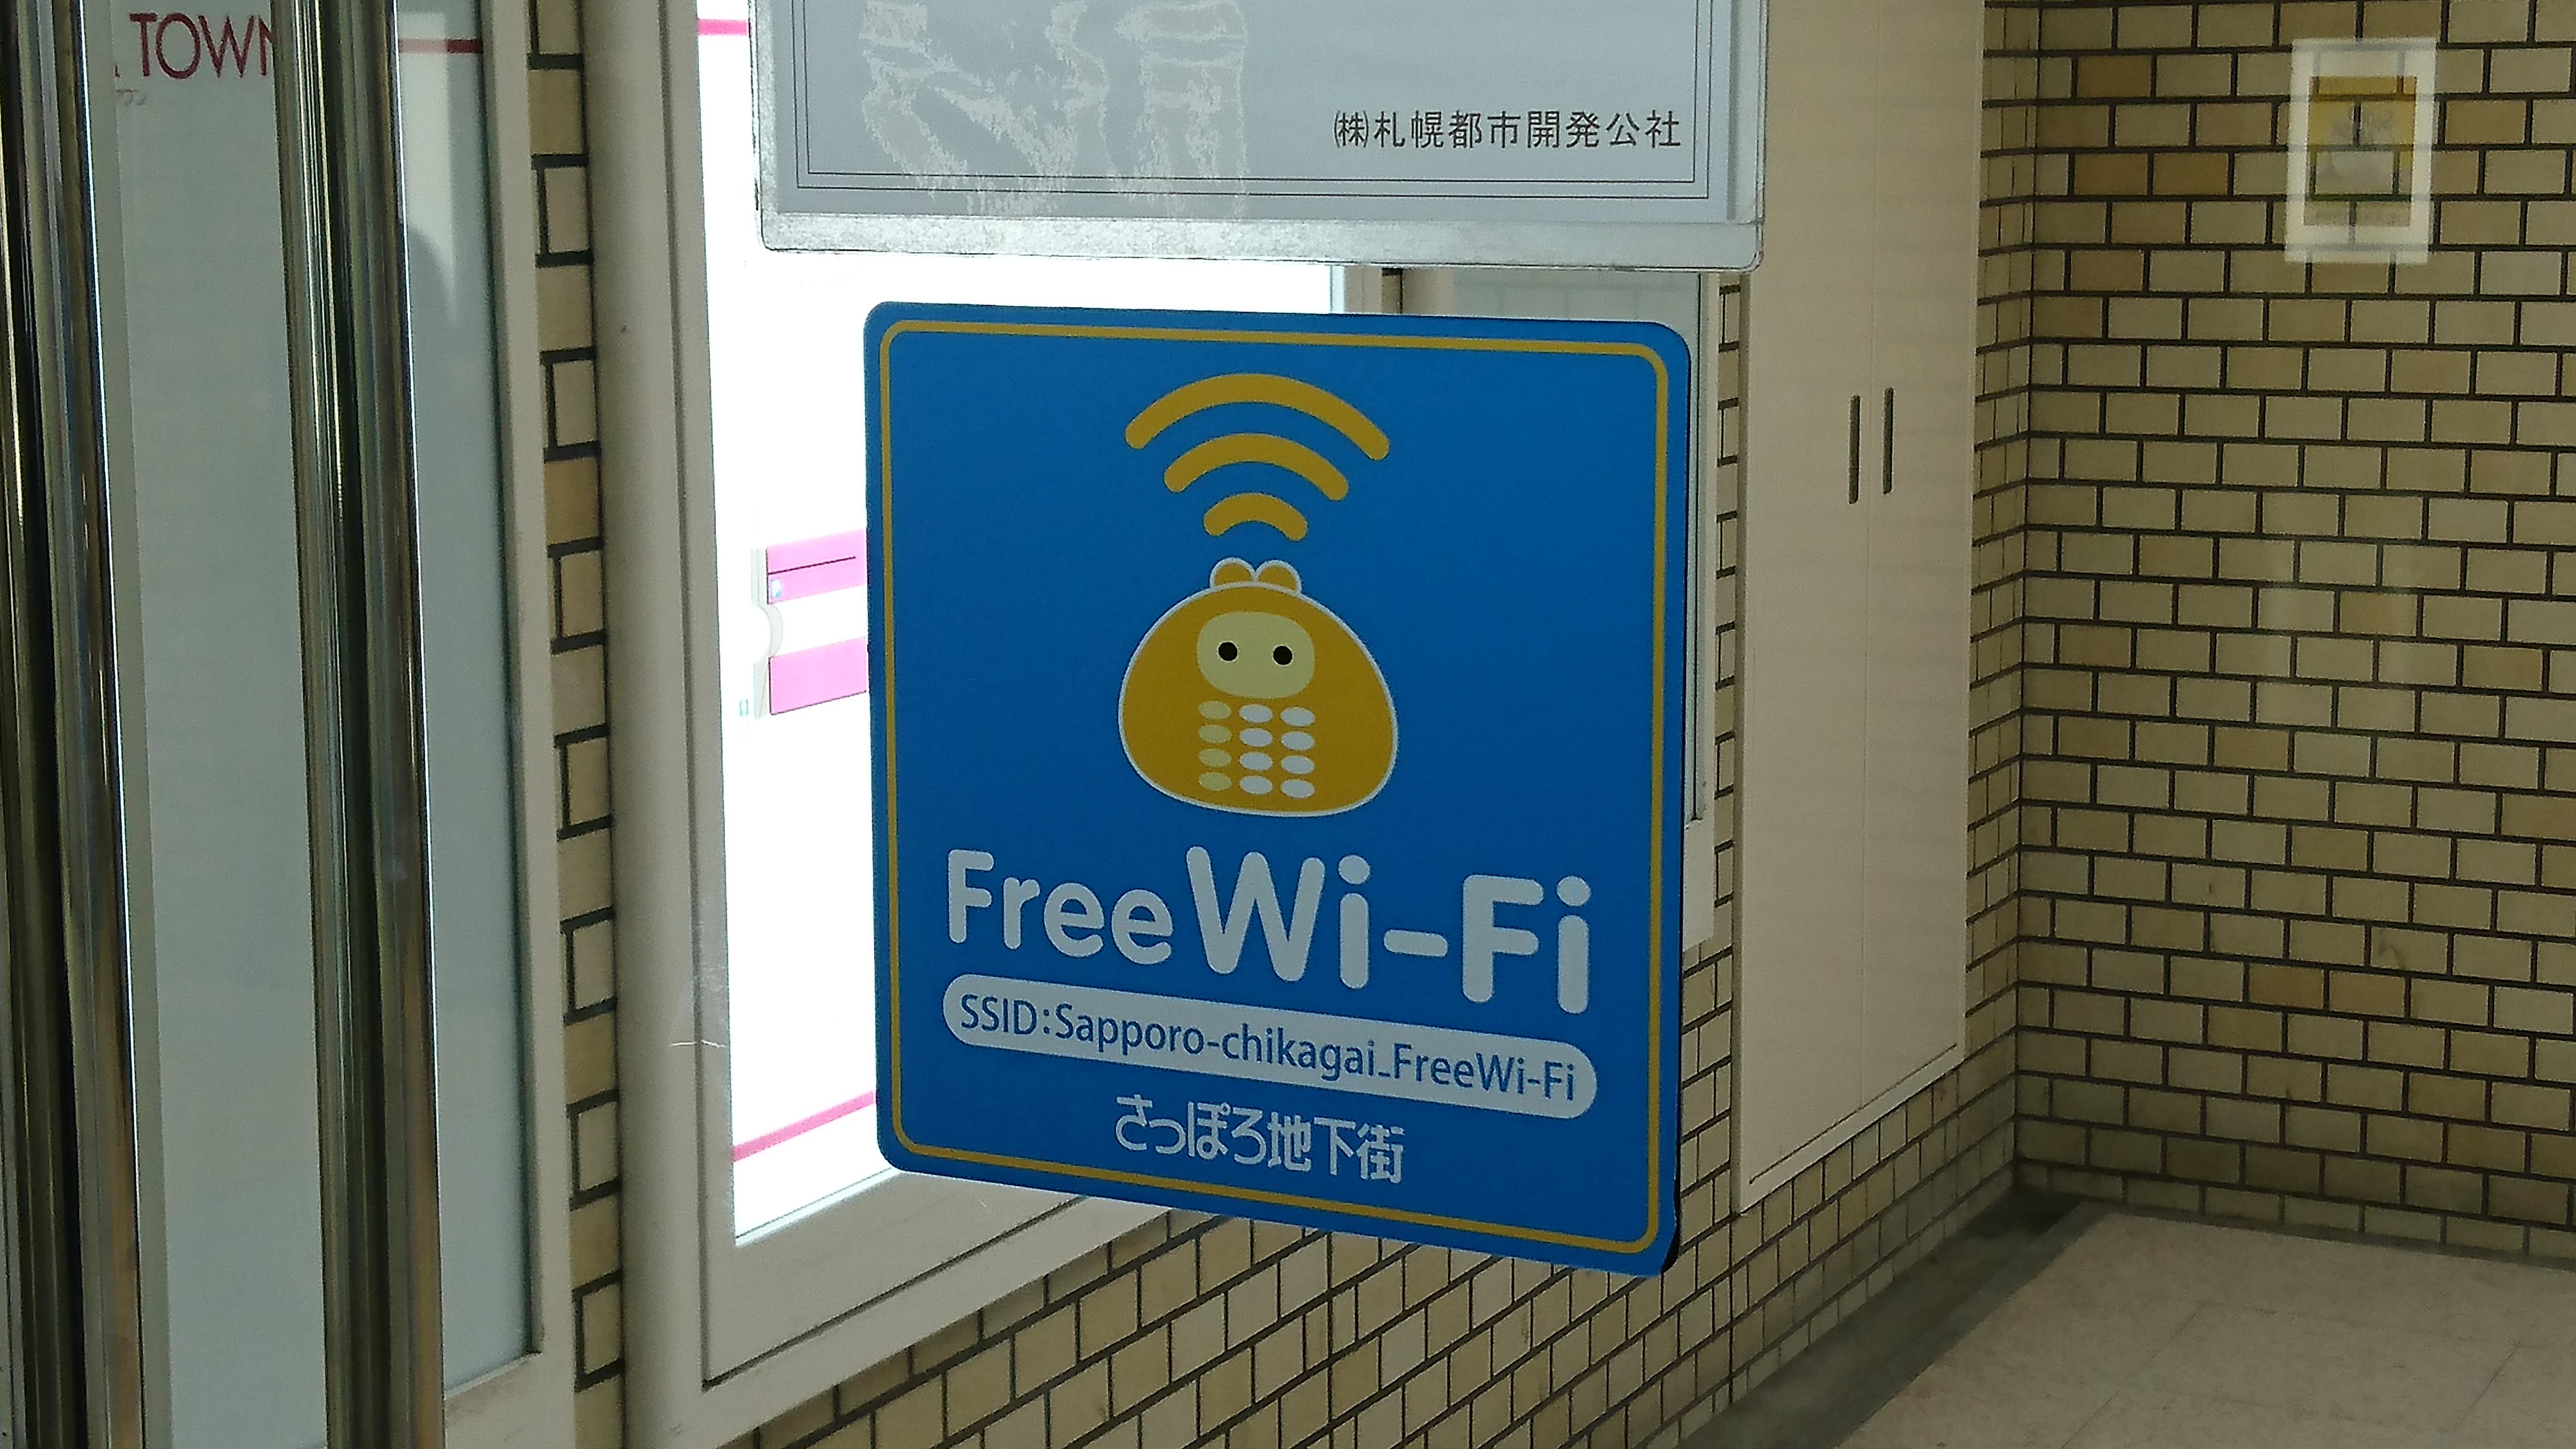 さっぽろ地下街Wi-Fi